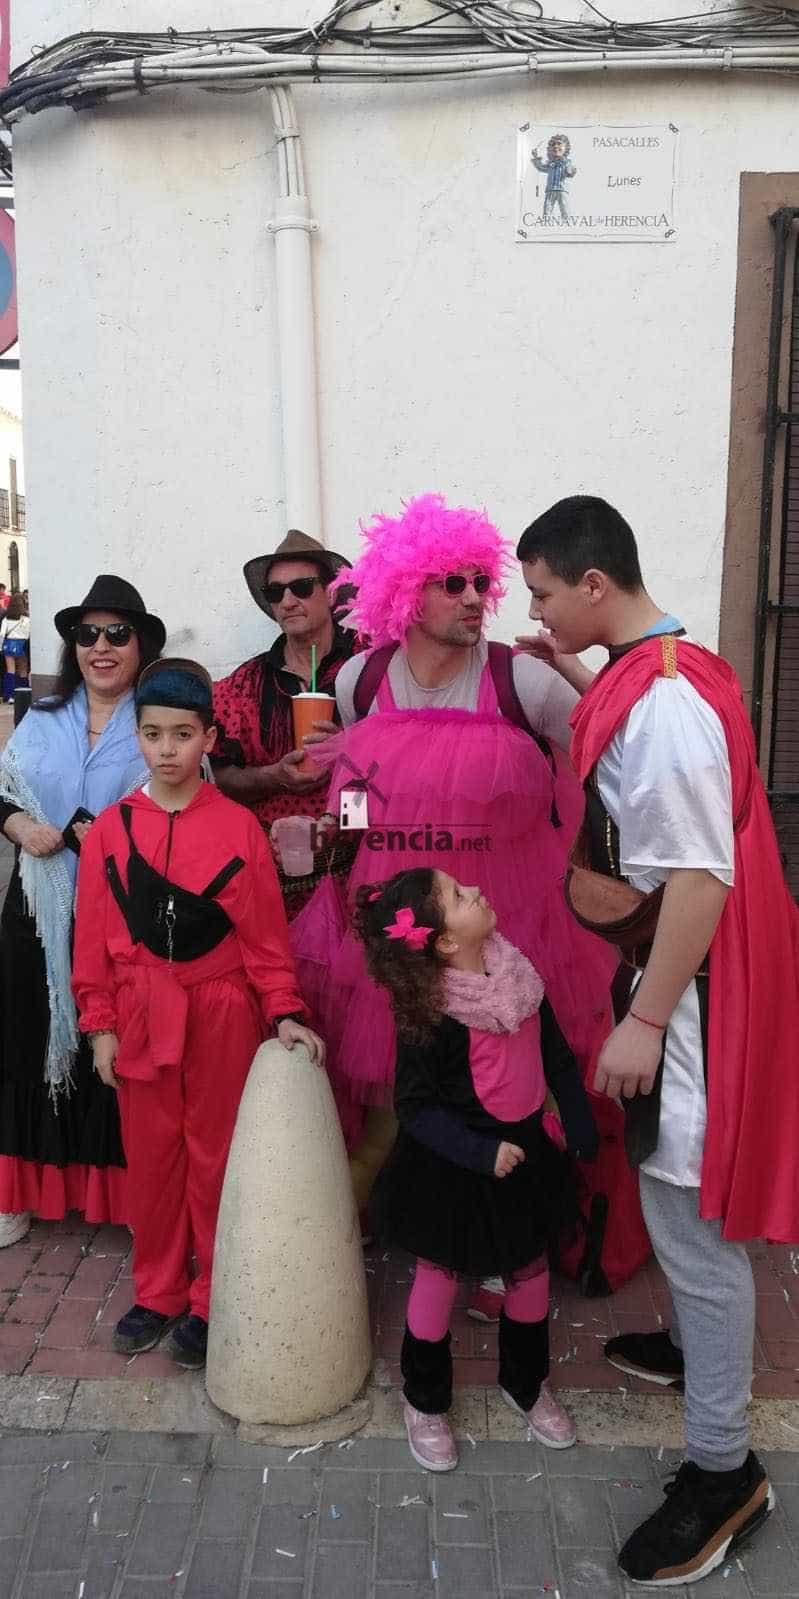 Carnaval herencia 2020 pasacalles domingo deseosas 3 - El Domingo de las Deseosas invita a todo el mundo al Carnaval de Herencia